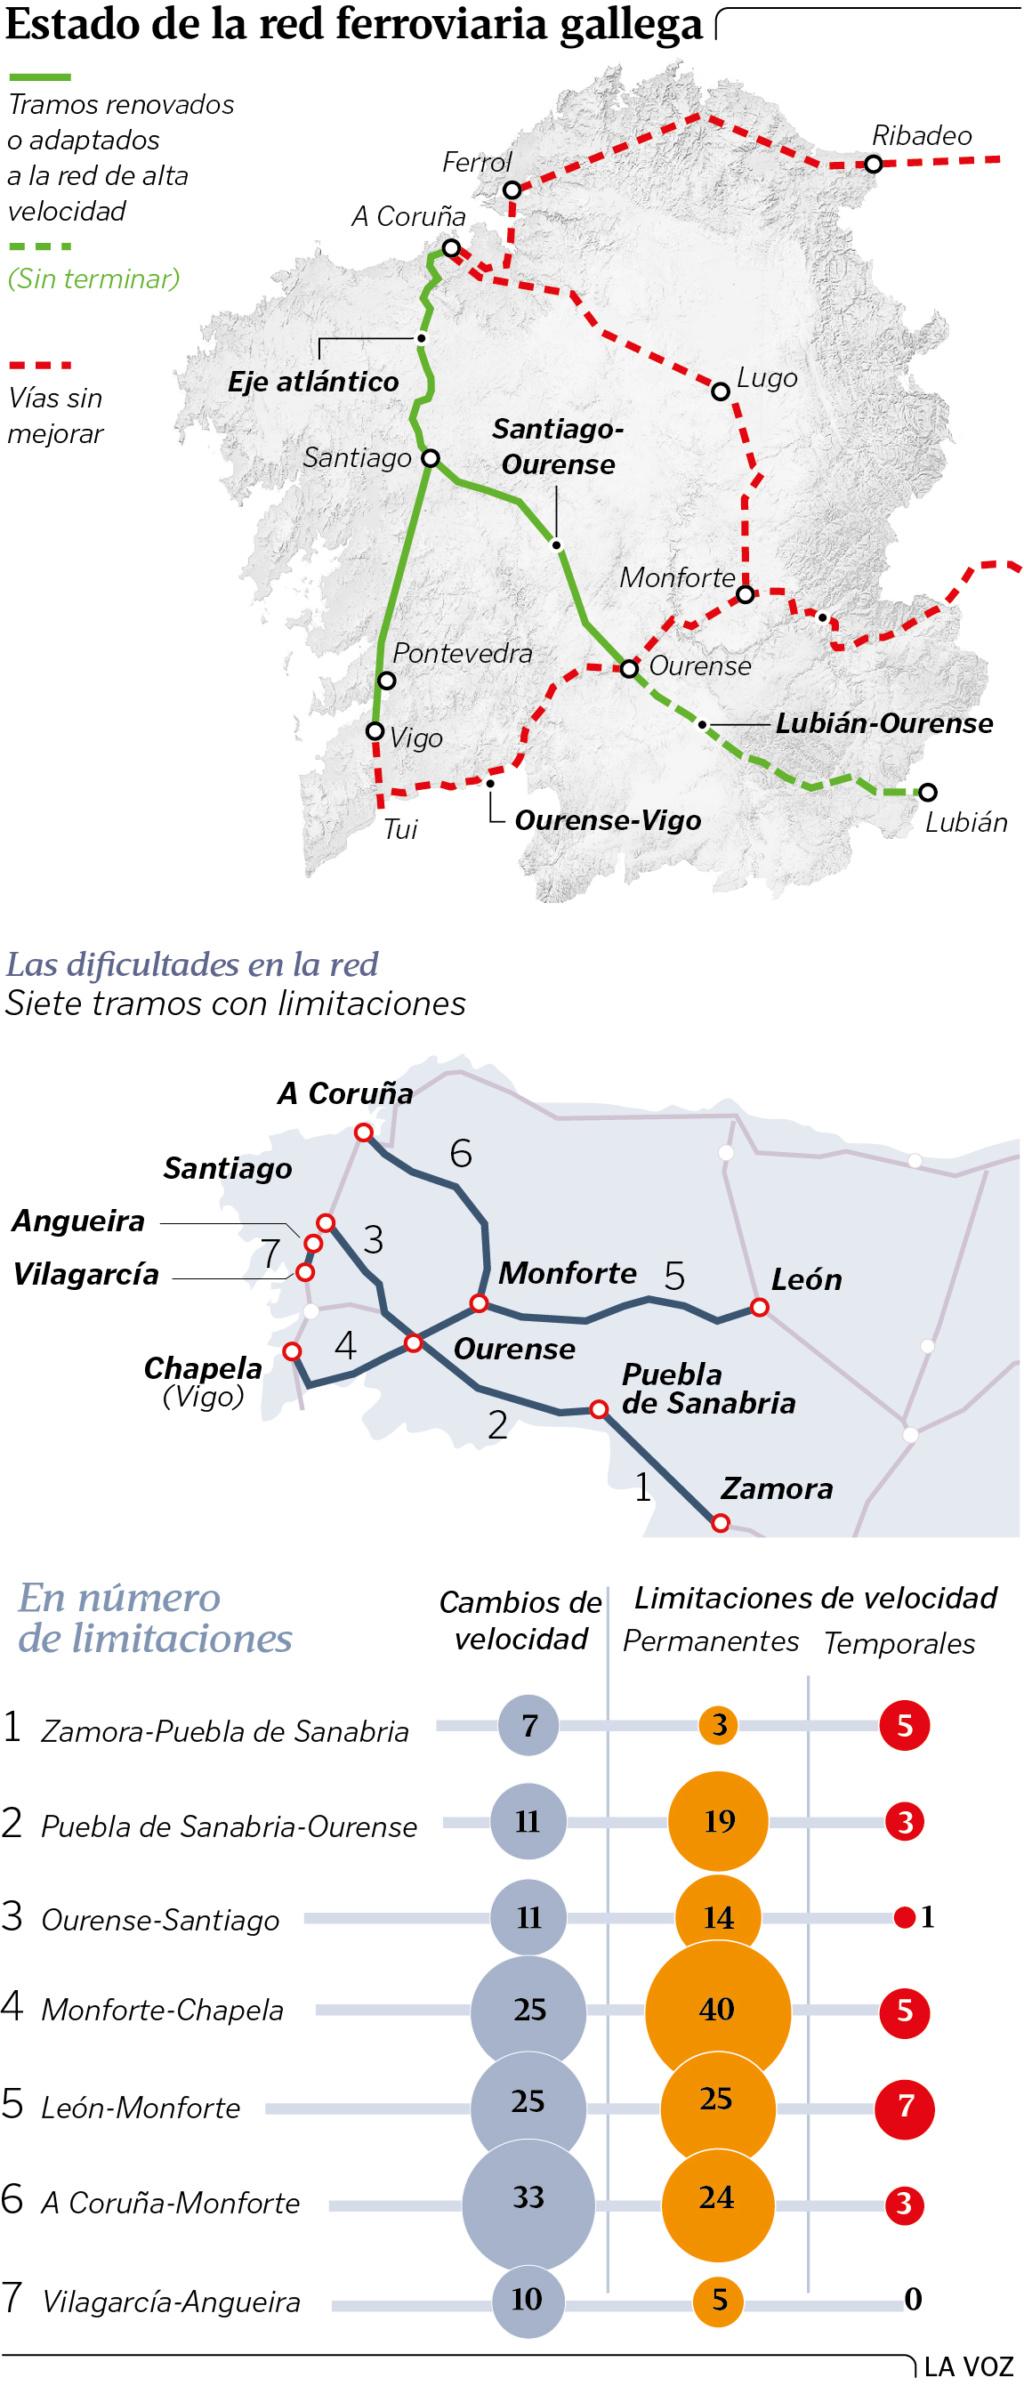 Transportes: Ferrocarril en España, alta velocidad, convencional. - Página 7 Ge3p2g10